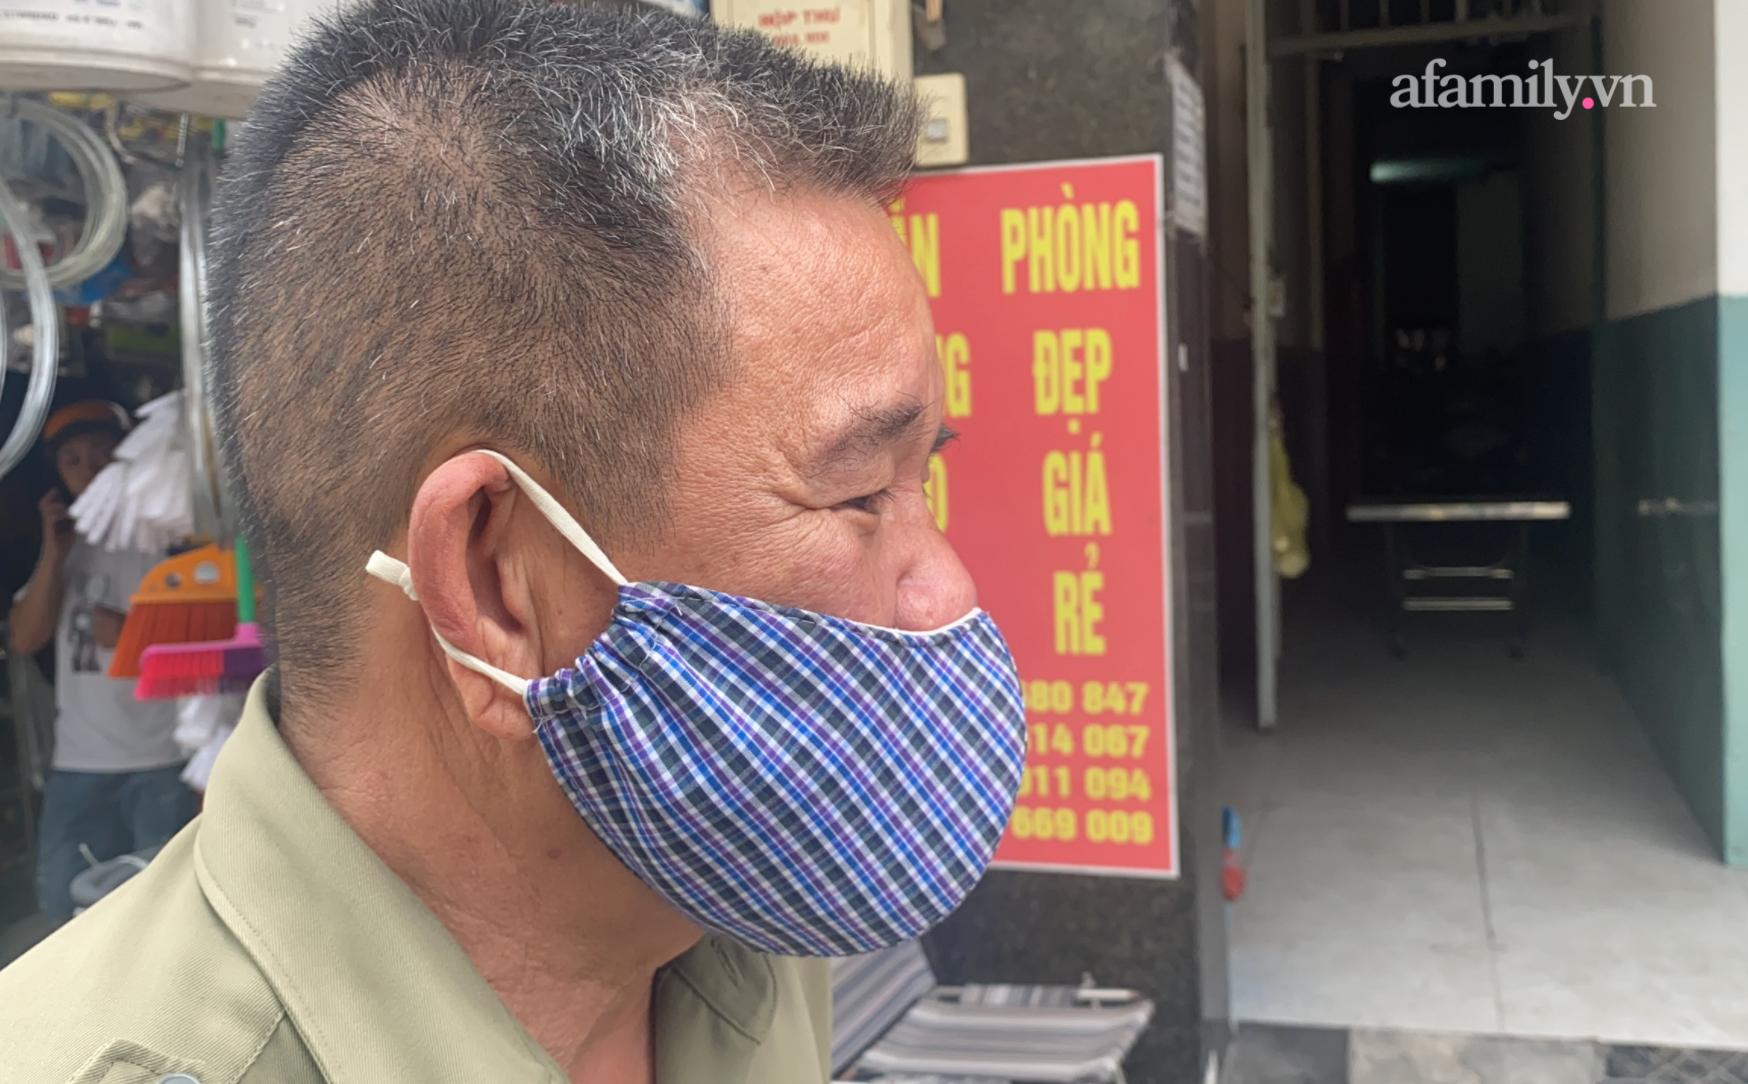 TP.HCM đóng cửa quán cà phê, karaoke, khu cách ly tiếp viên Vietnam Airlines liên quan đến 2 ca nhiễm COVID-19, tổ chức họp khẩn - Ảnh 8.